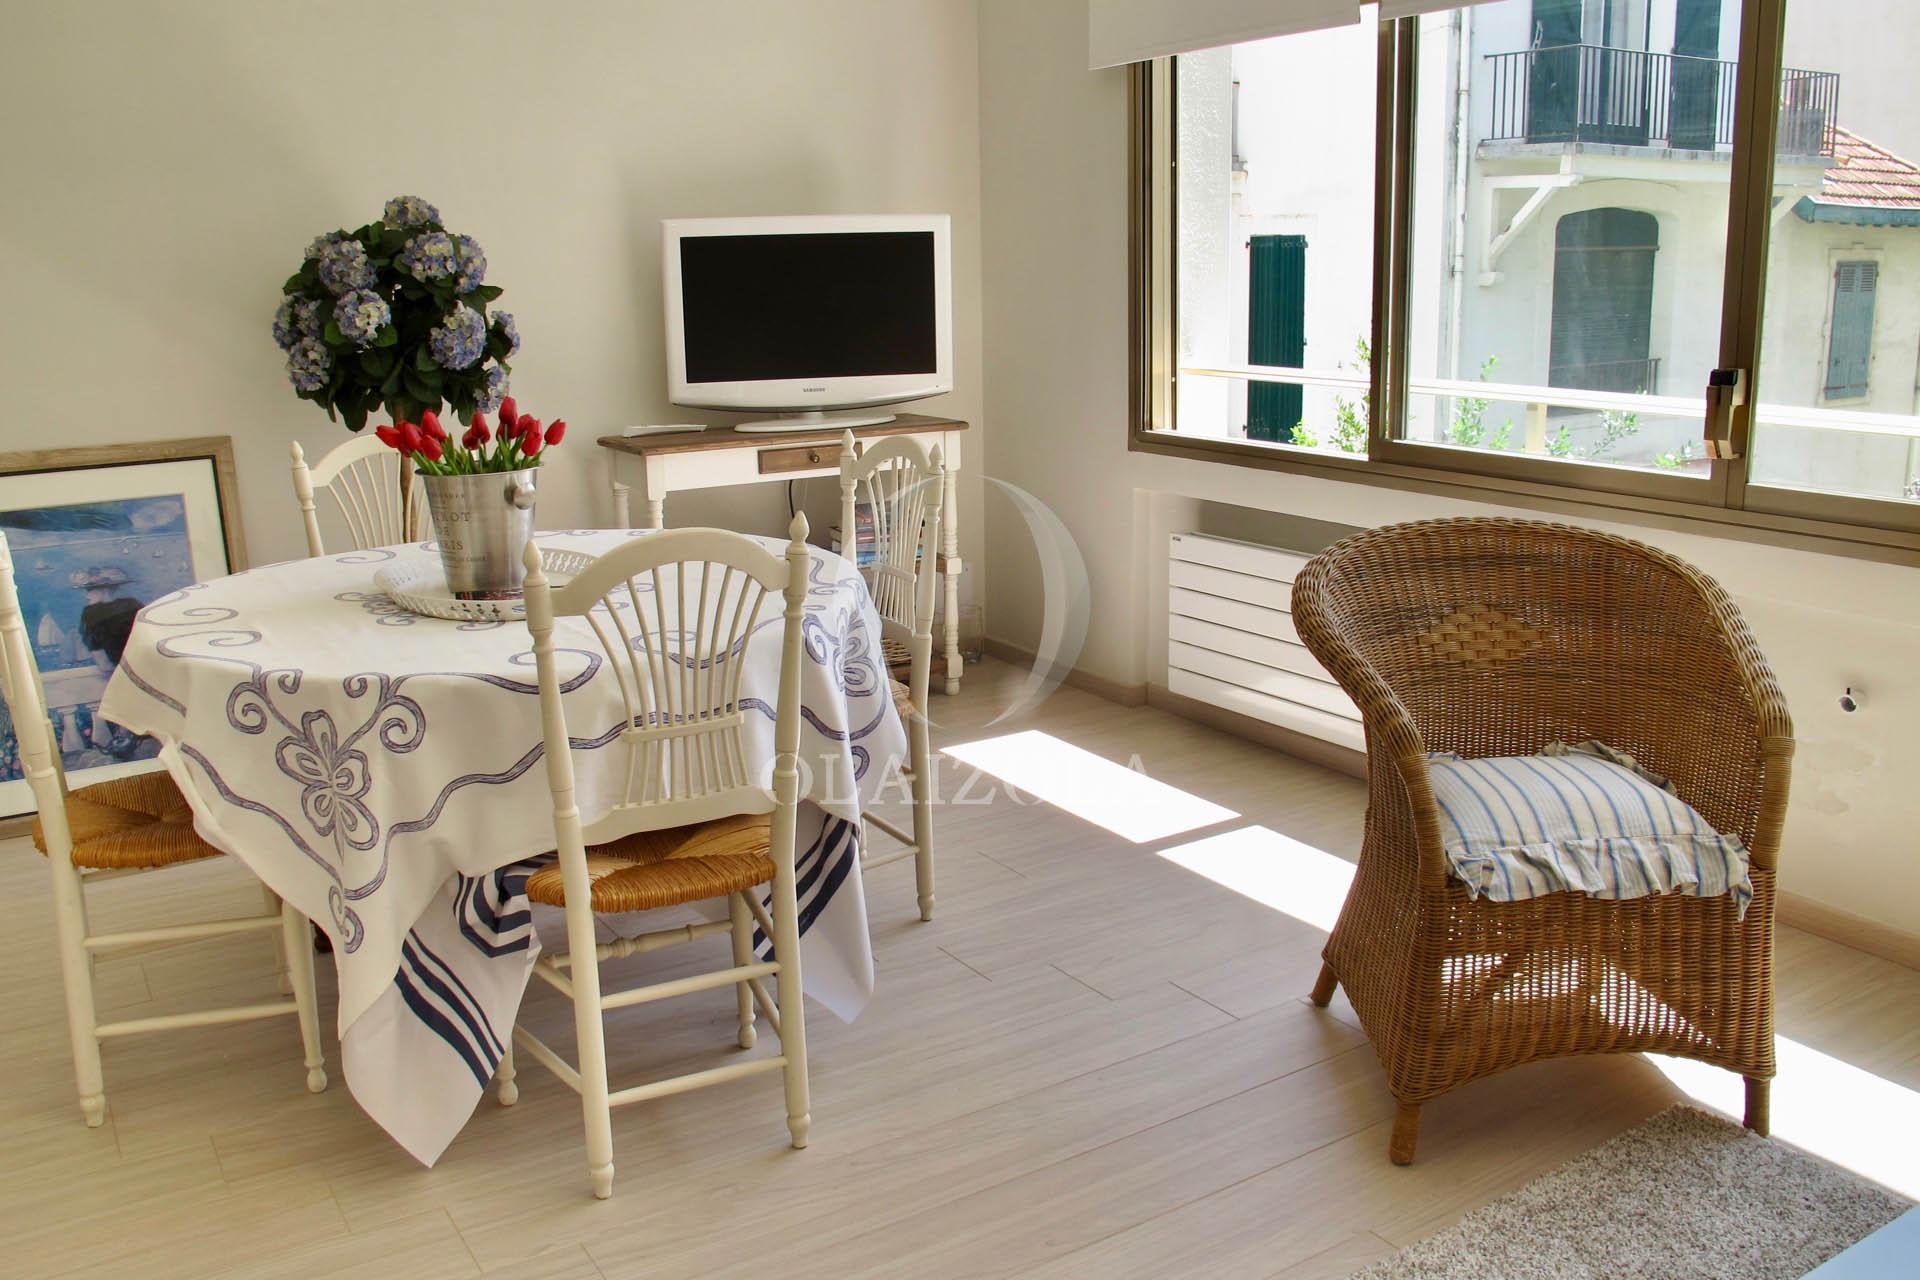 ideal deux pas de la plage agence olaizola location saisonni re de vacances biarritz et. Black Bedroom Furniture Sets. Home Design Ideas